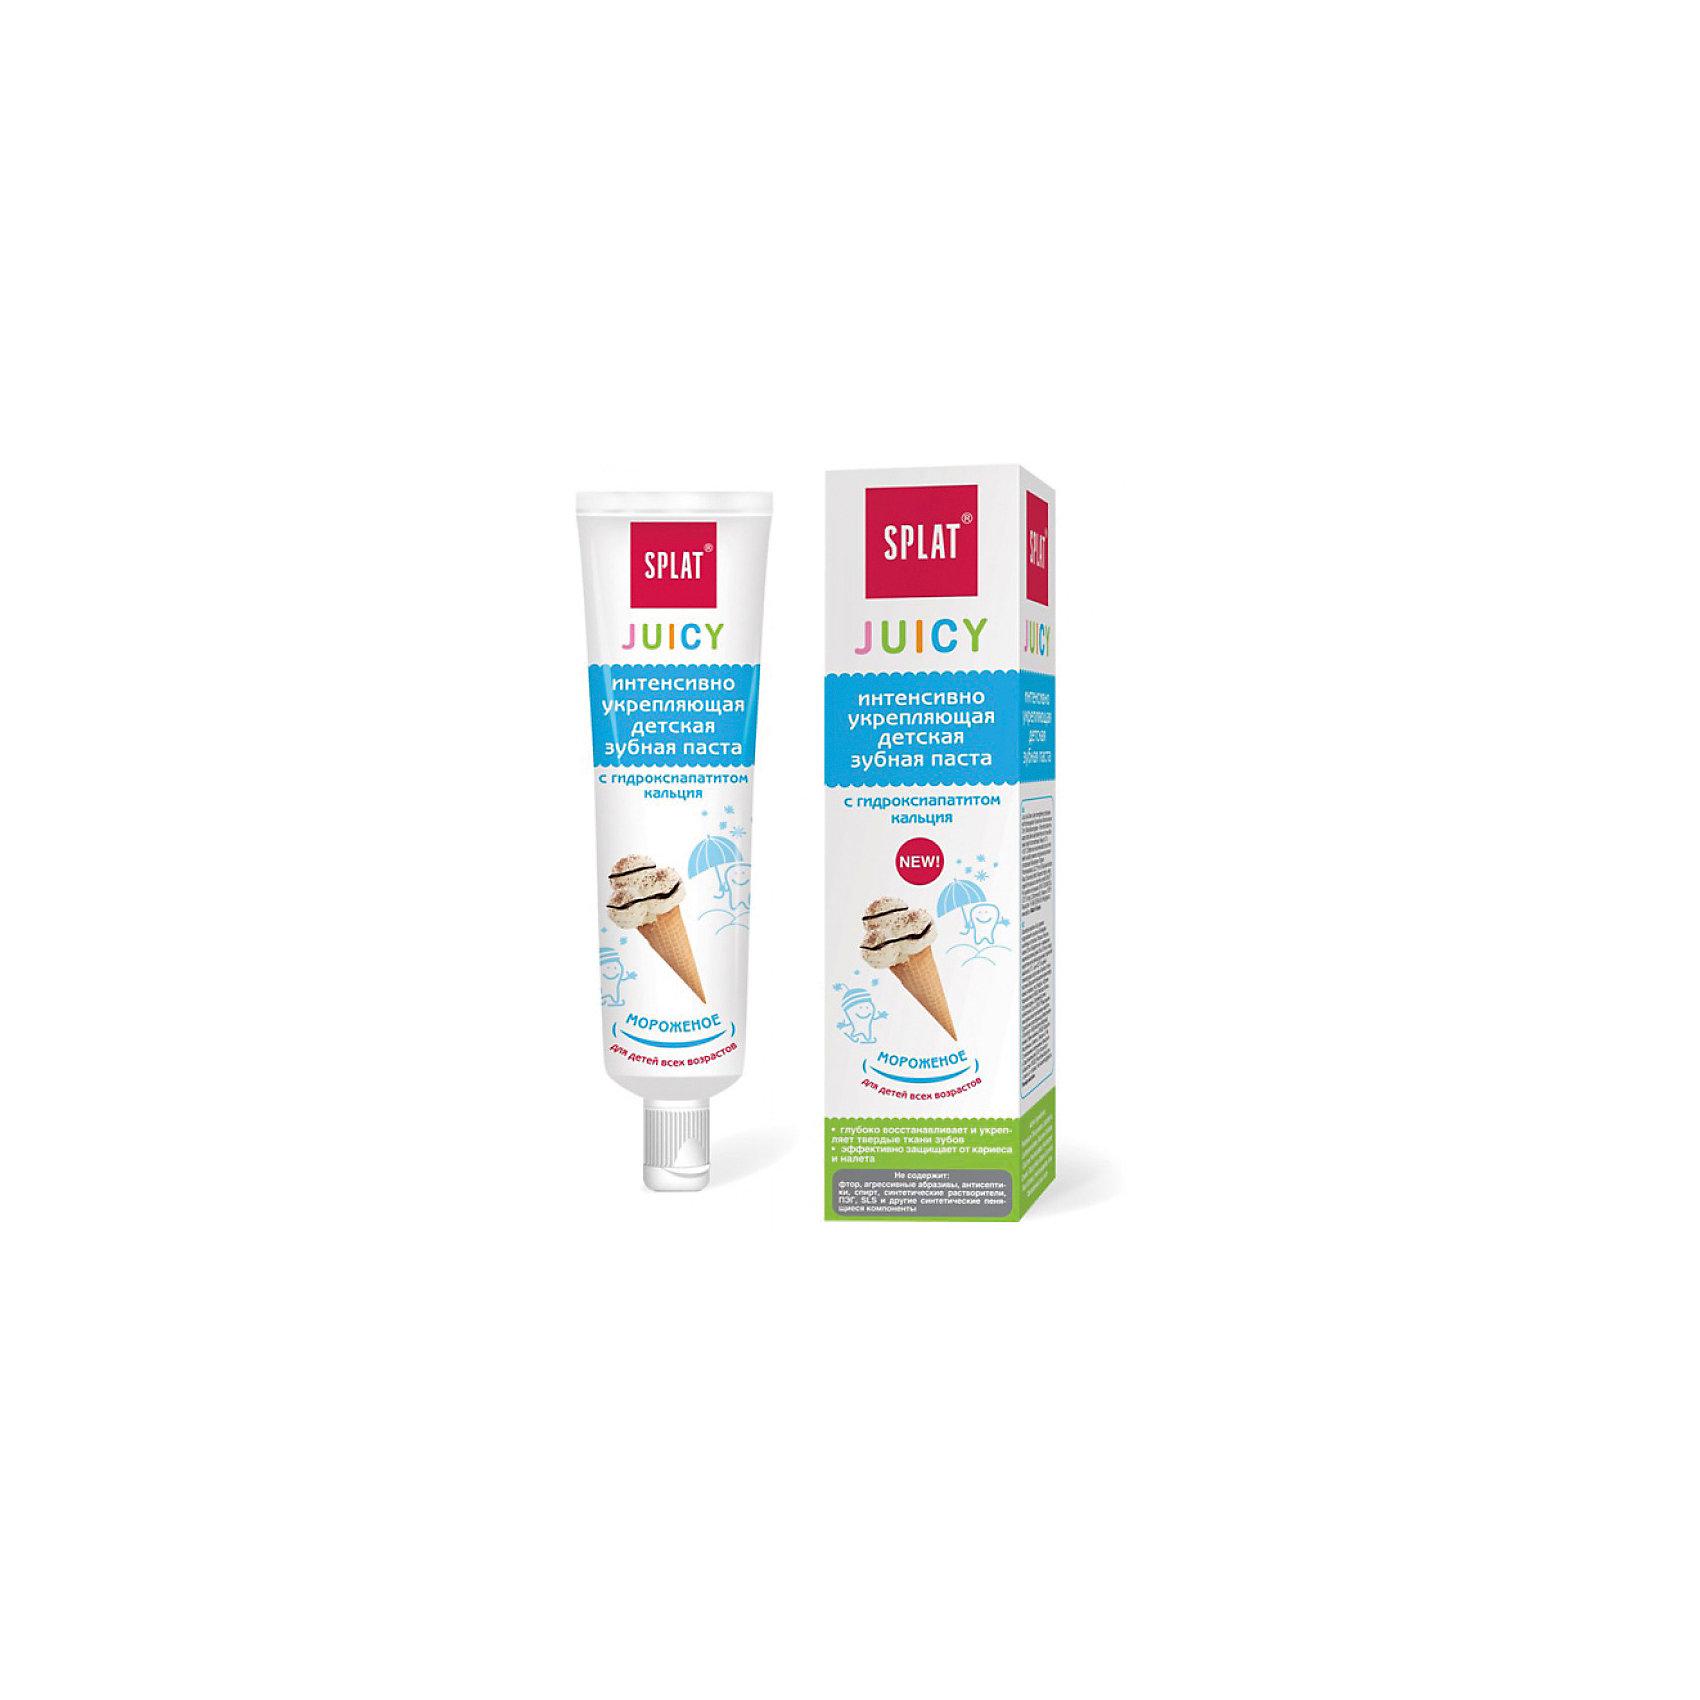 Splat Детская укрепляющая зубная паста Juicy с гидроксиапатитом кальция, Мороженое, Splat купить шугаринг пасту в интернет магазине